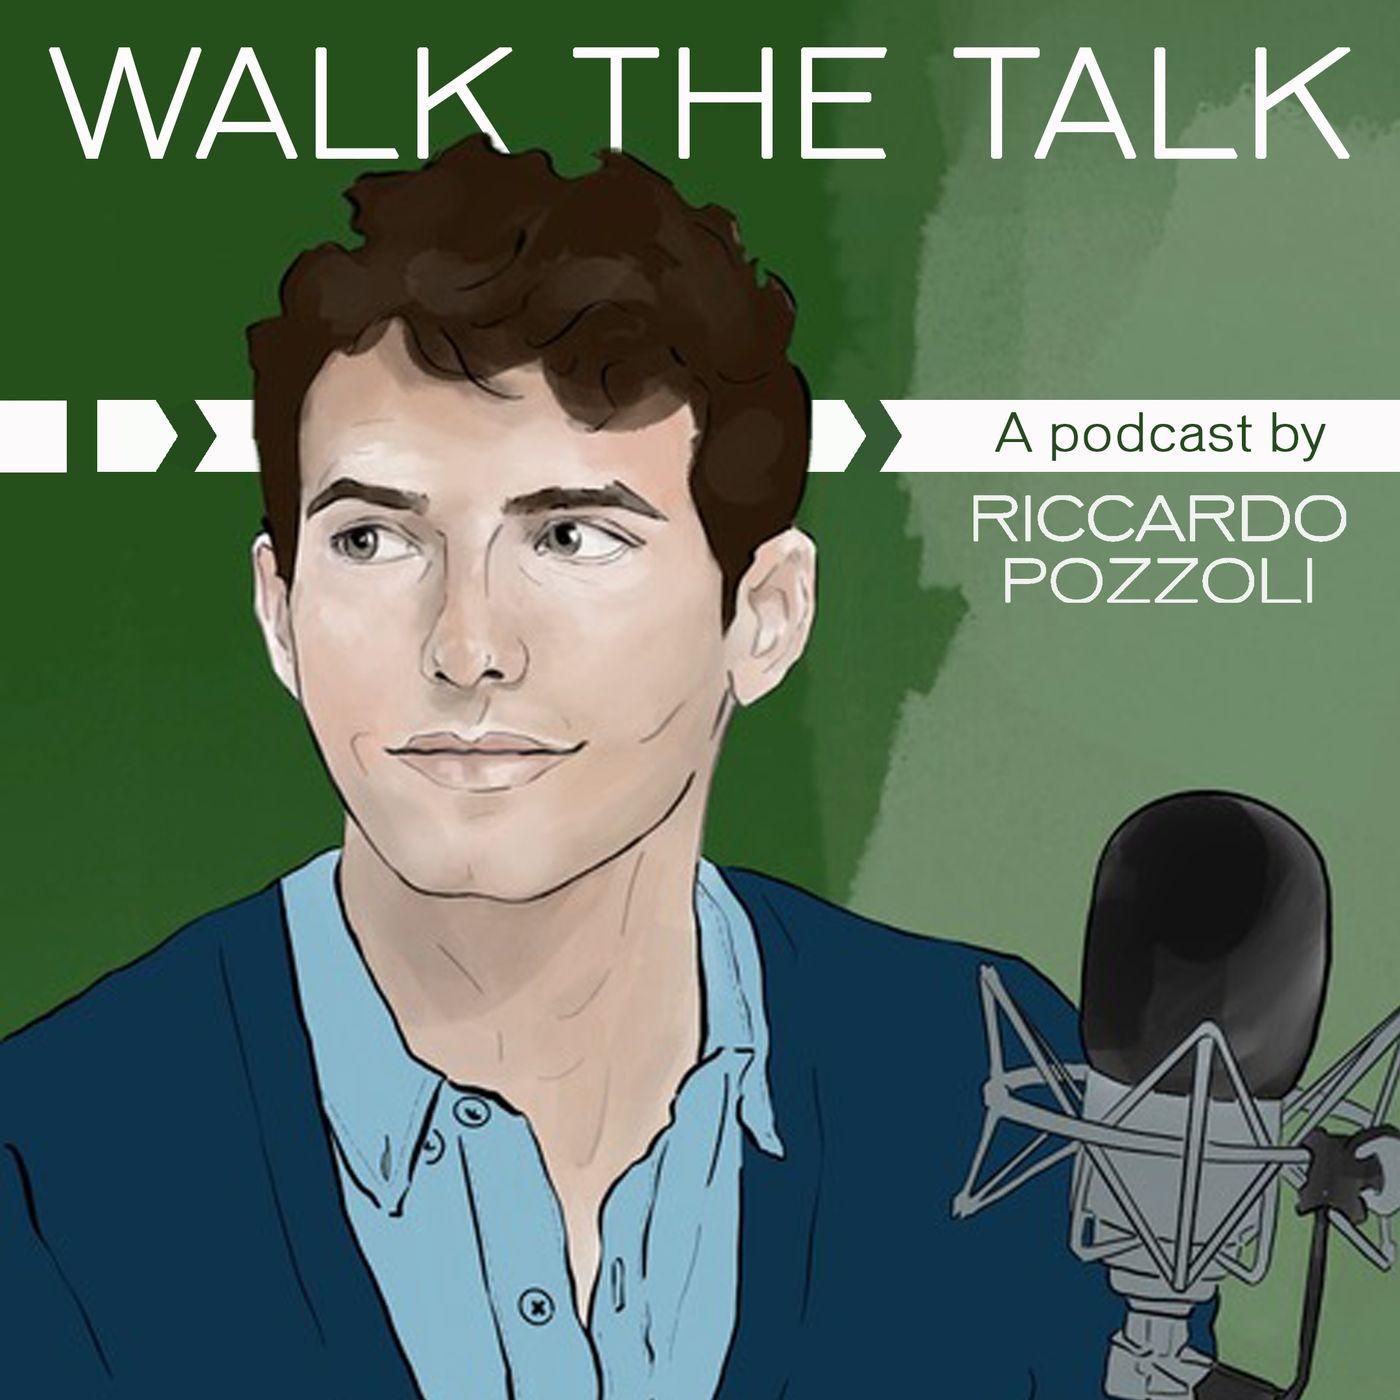 Walk the talk podcast